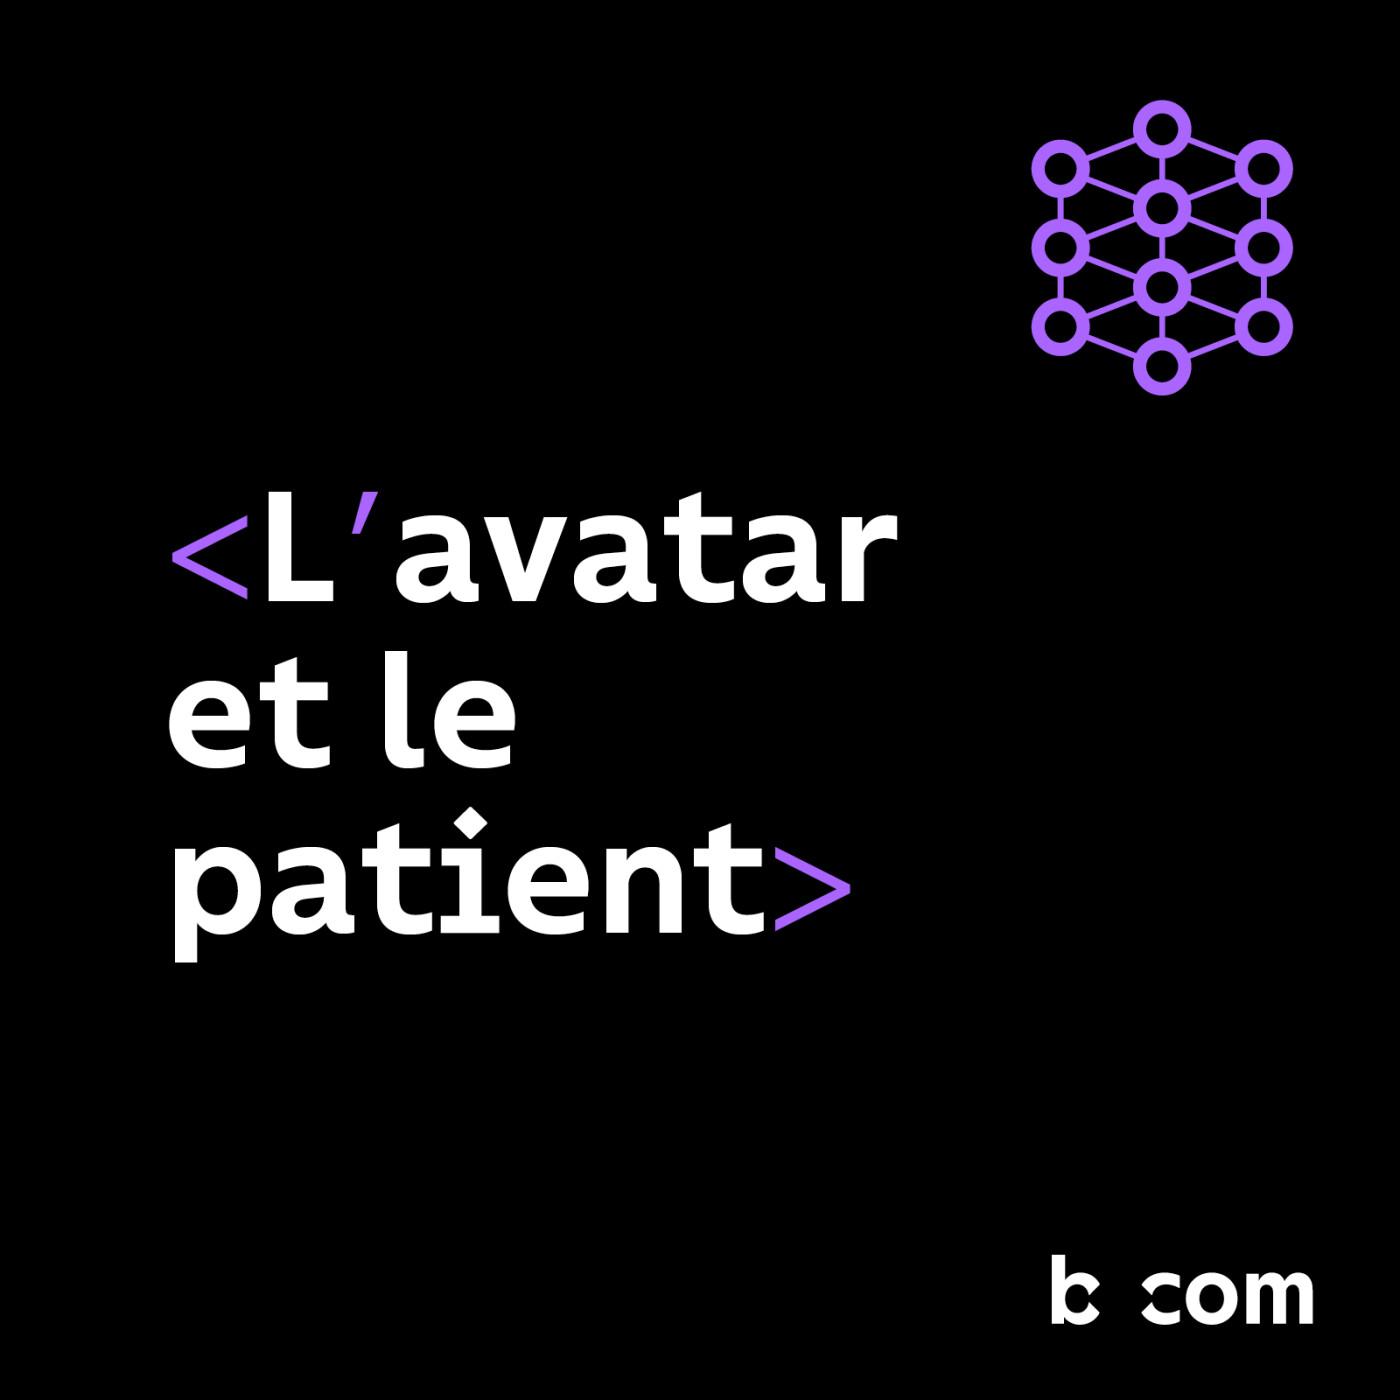 L'avatar et le patient